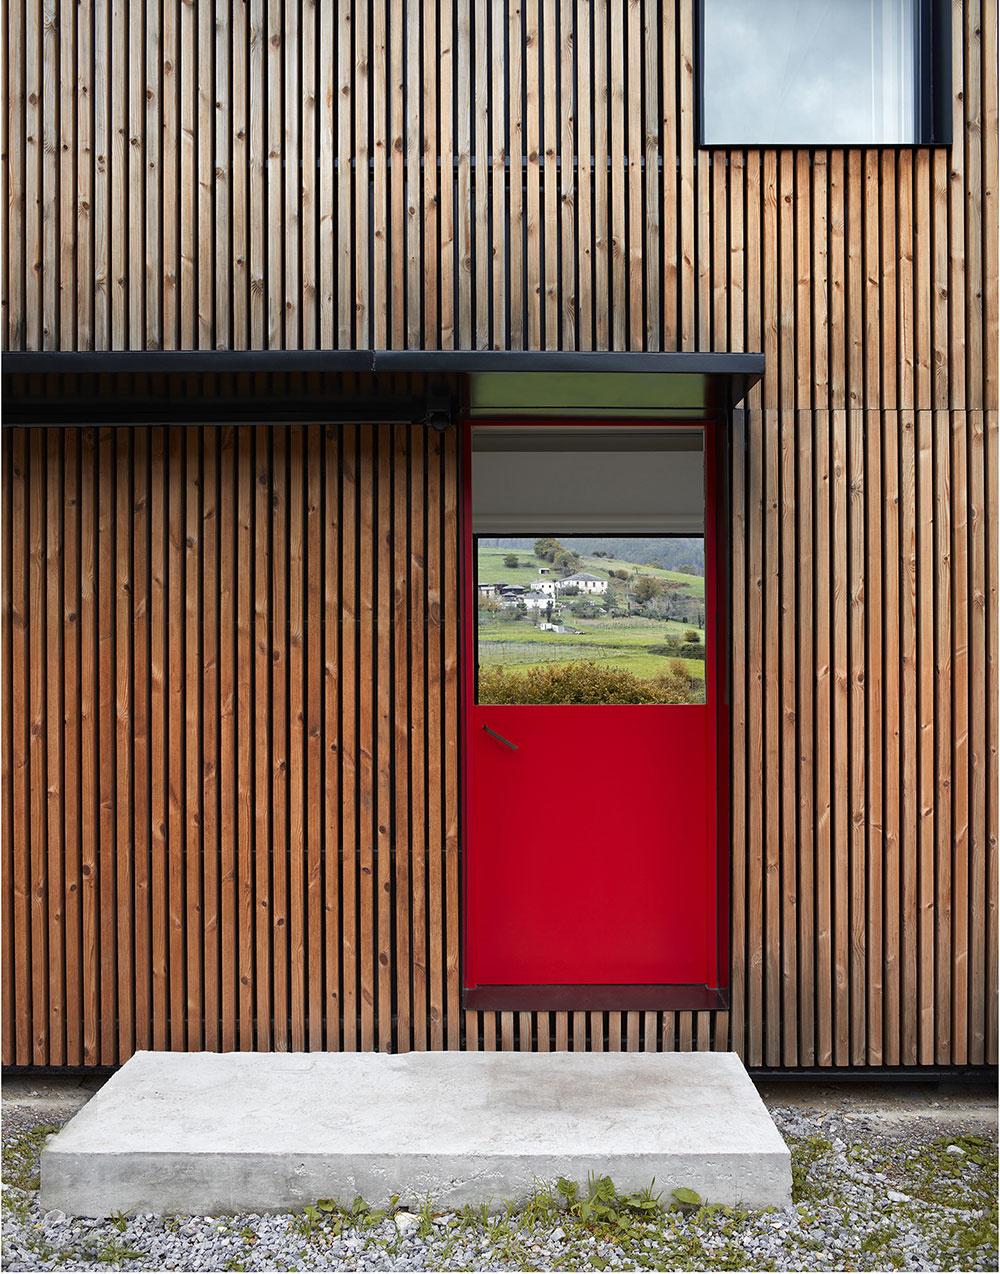 Fasáda domu Montaña je z veľkej časti pokrytá tenkými drevenými latkami v zvislom smere. Oživujú ju červené vstupné dvere.